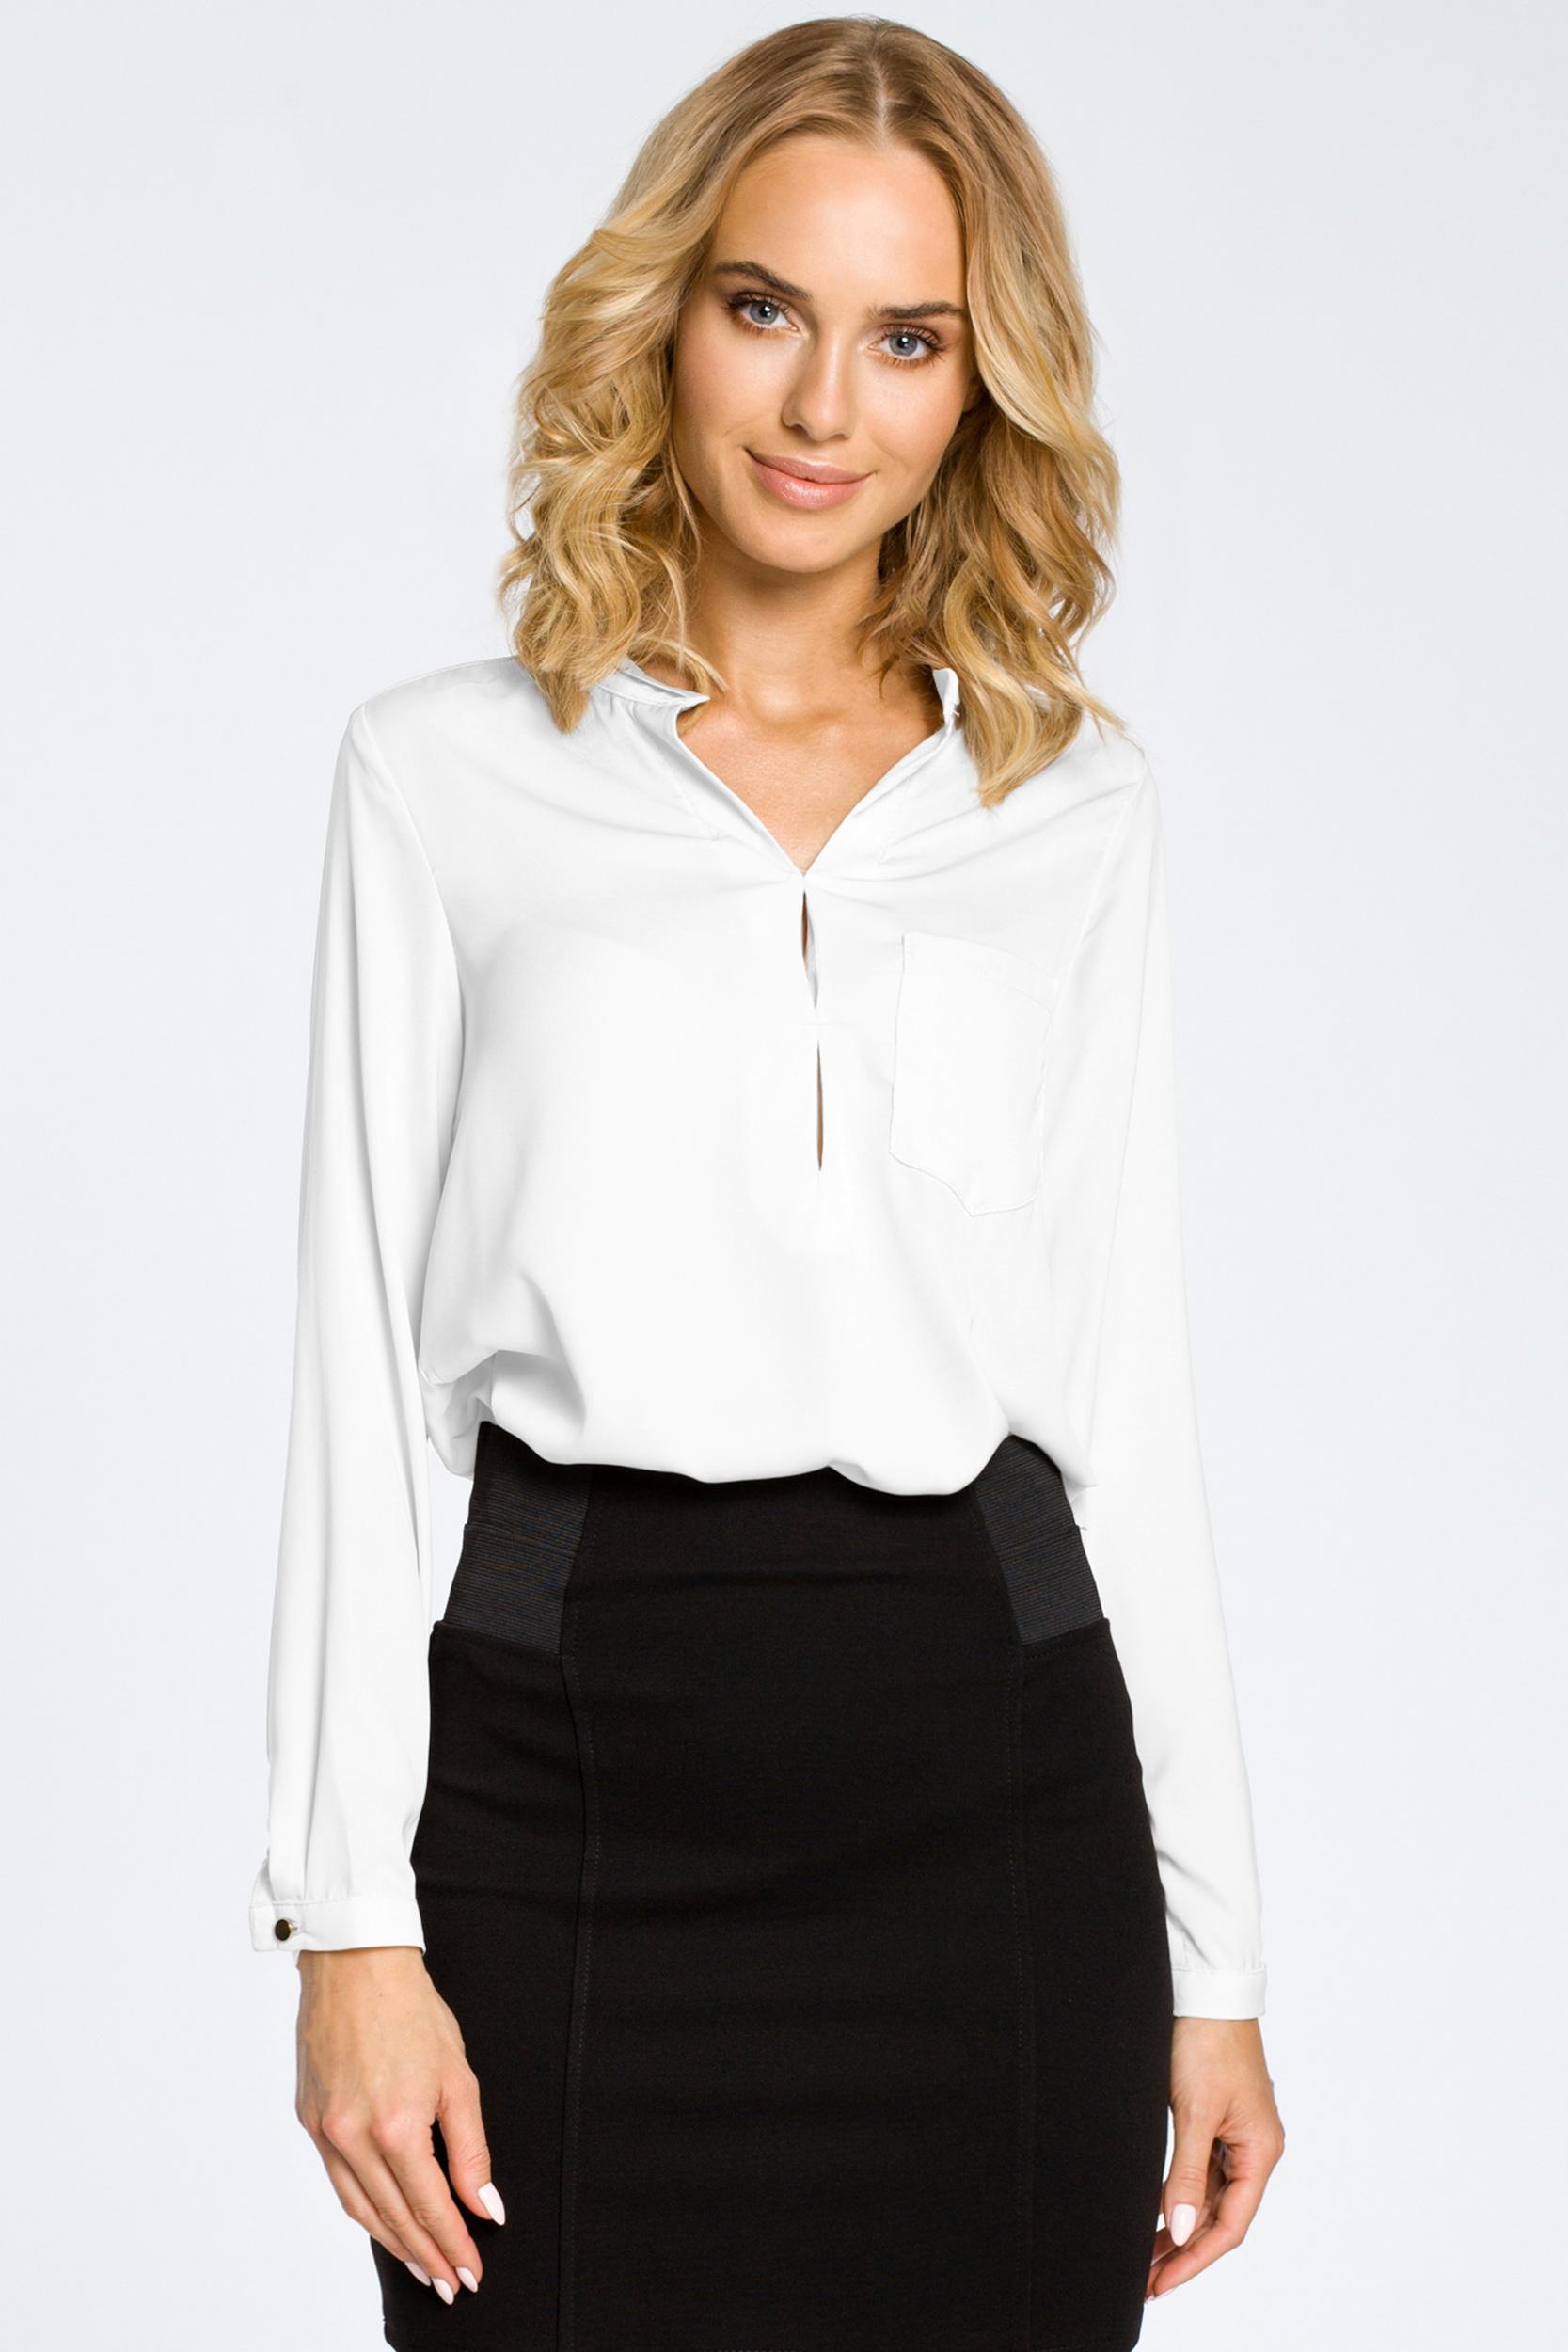 CM0661 Bluzka koszulowa ze stójka i kieszonką - biała